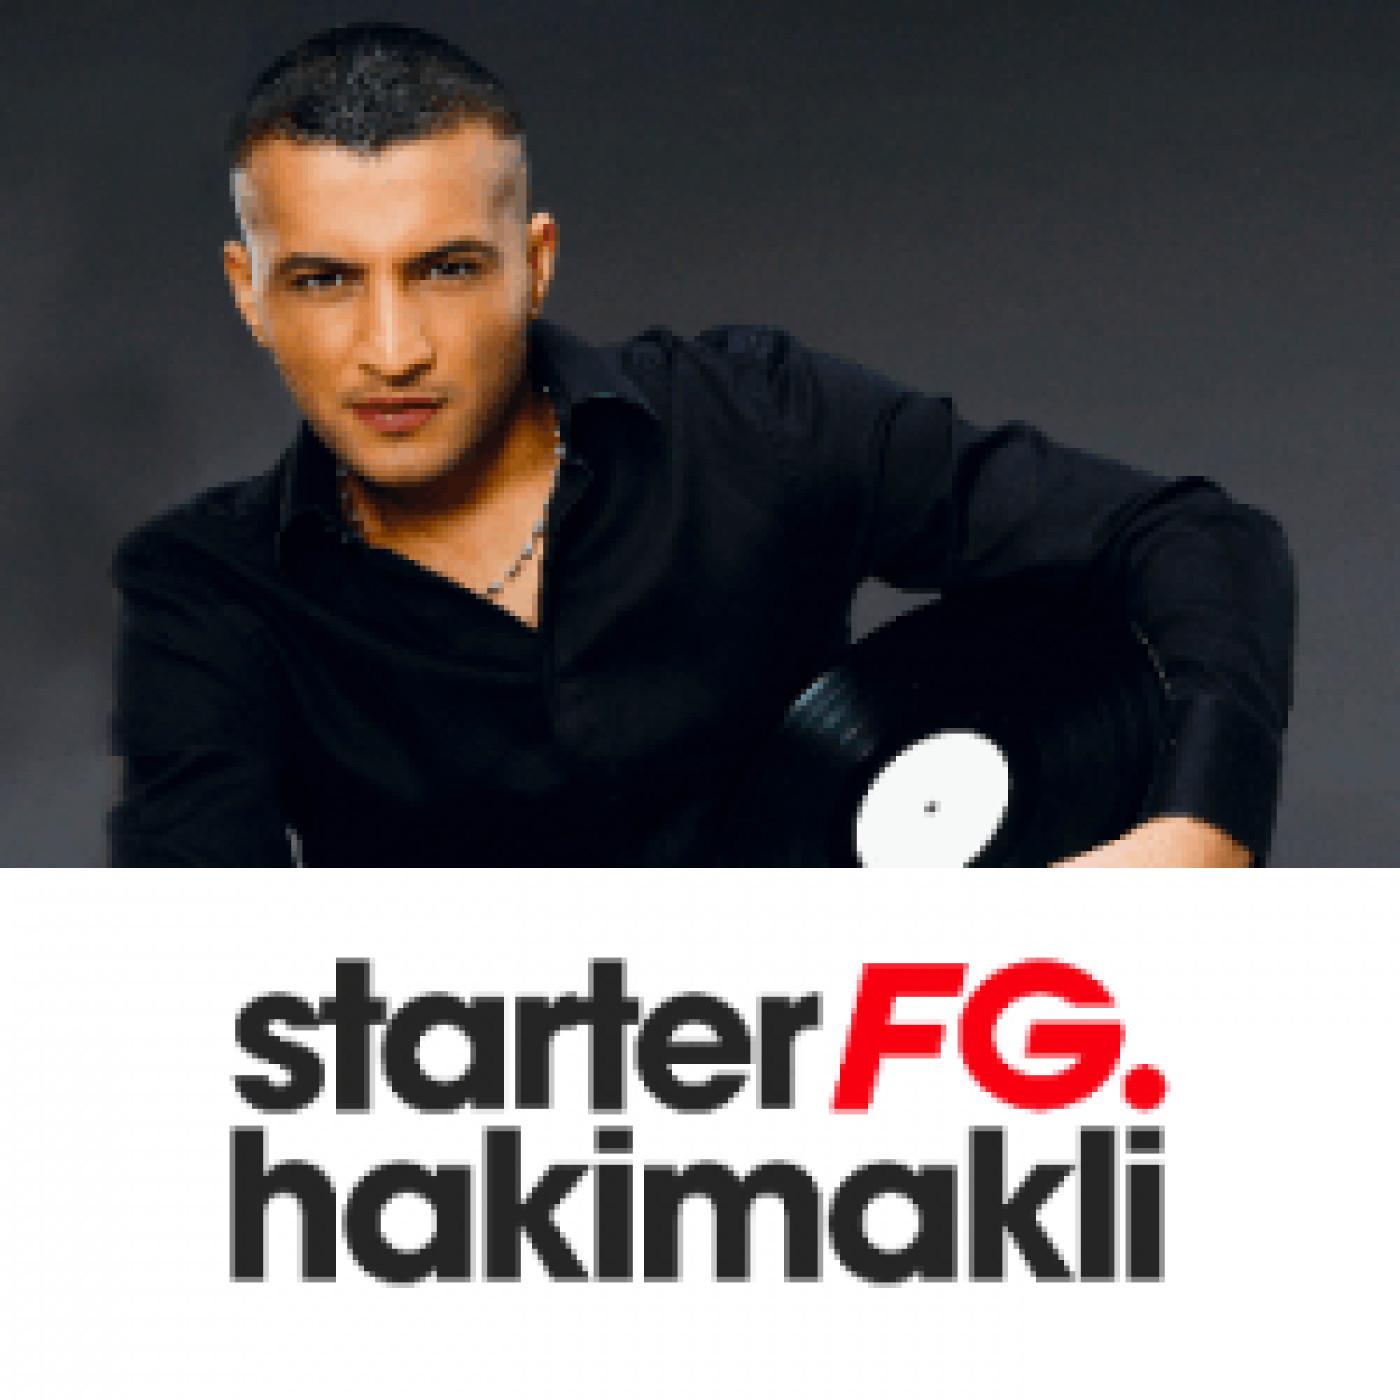 STARTER FG BY HAKIMAKLI LUNDI 09 NOVEMBRE 2020